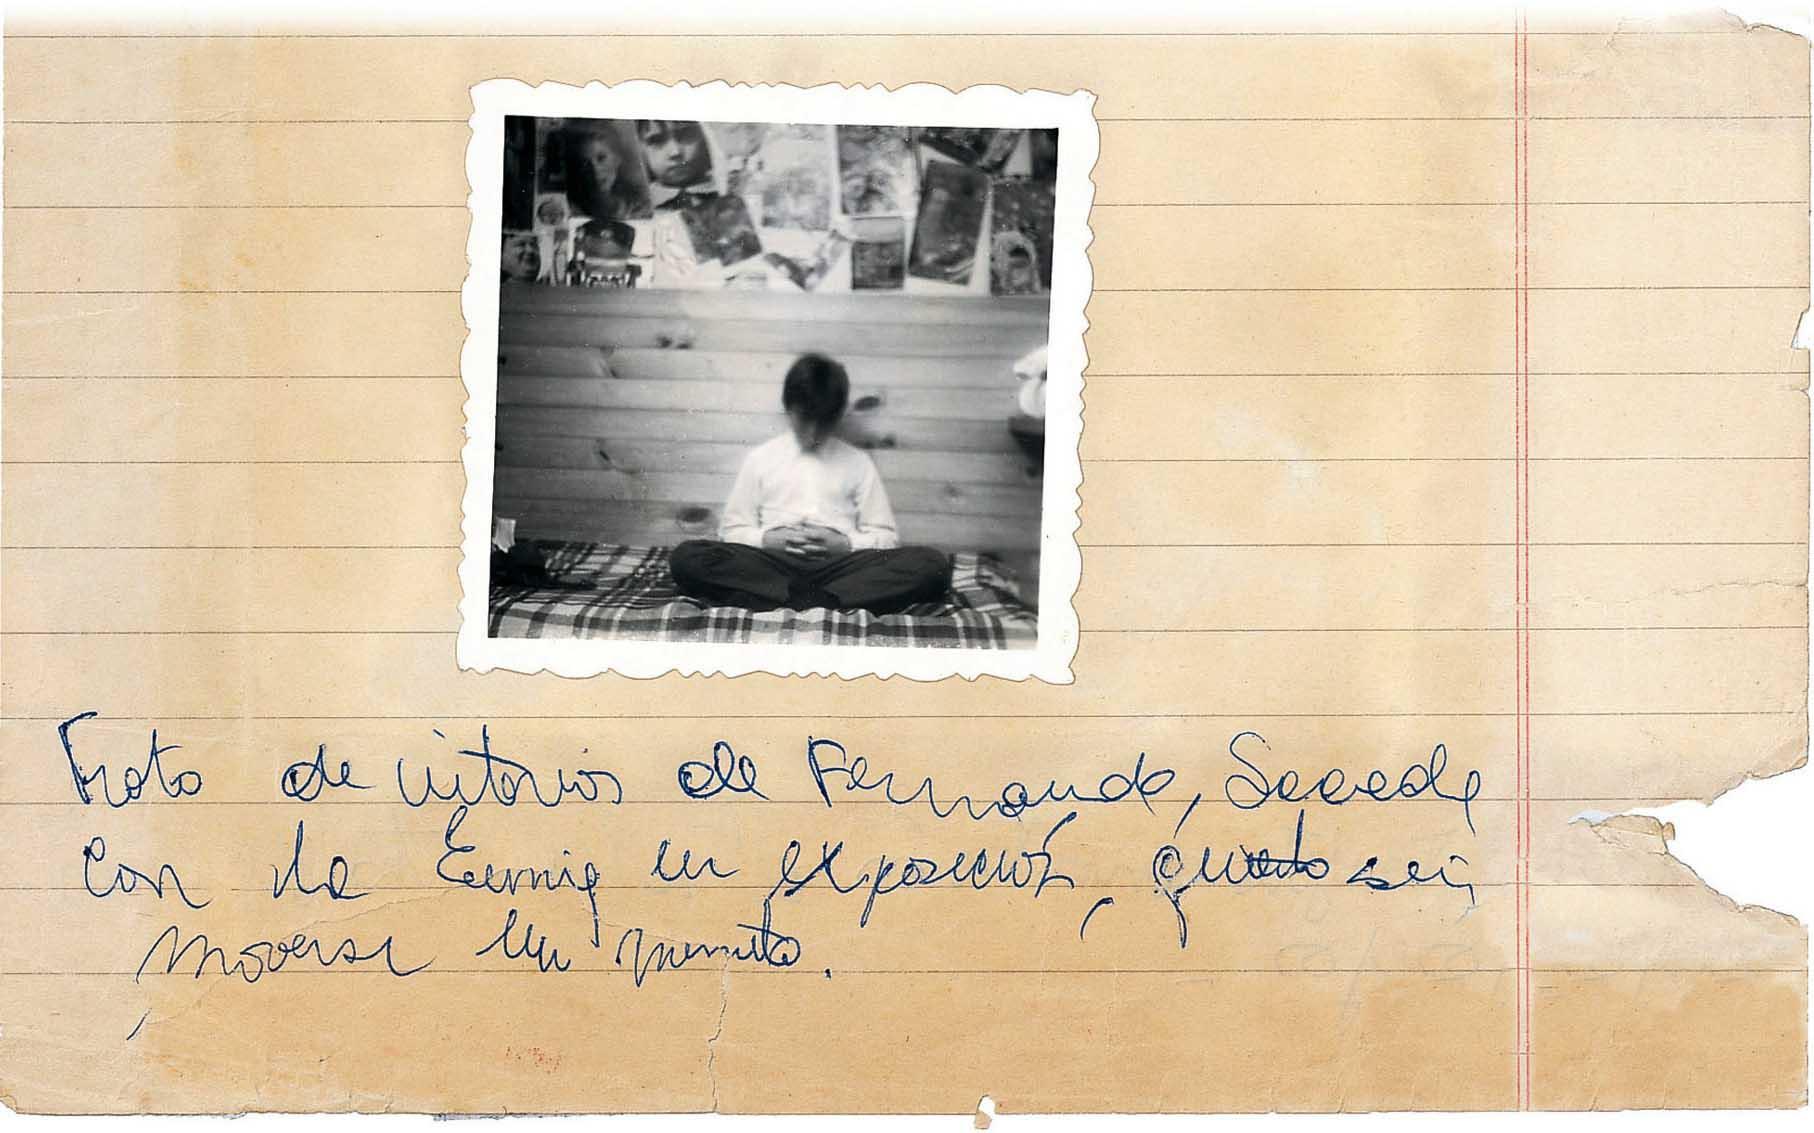 buena-memoria.-vintage-fernando,-circa-1968-2